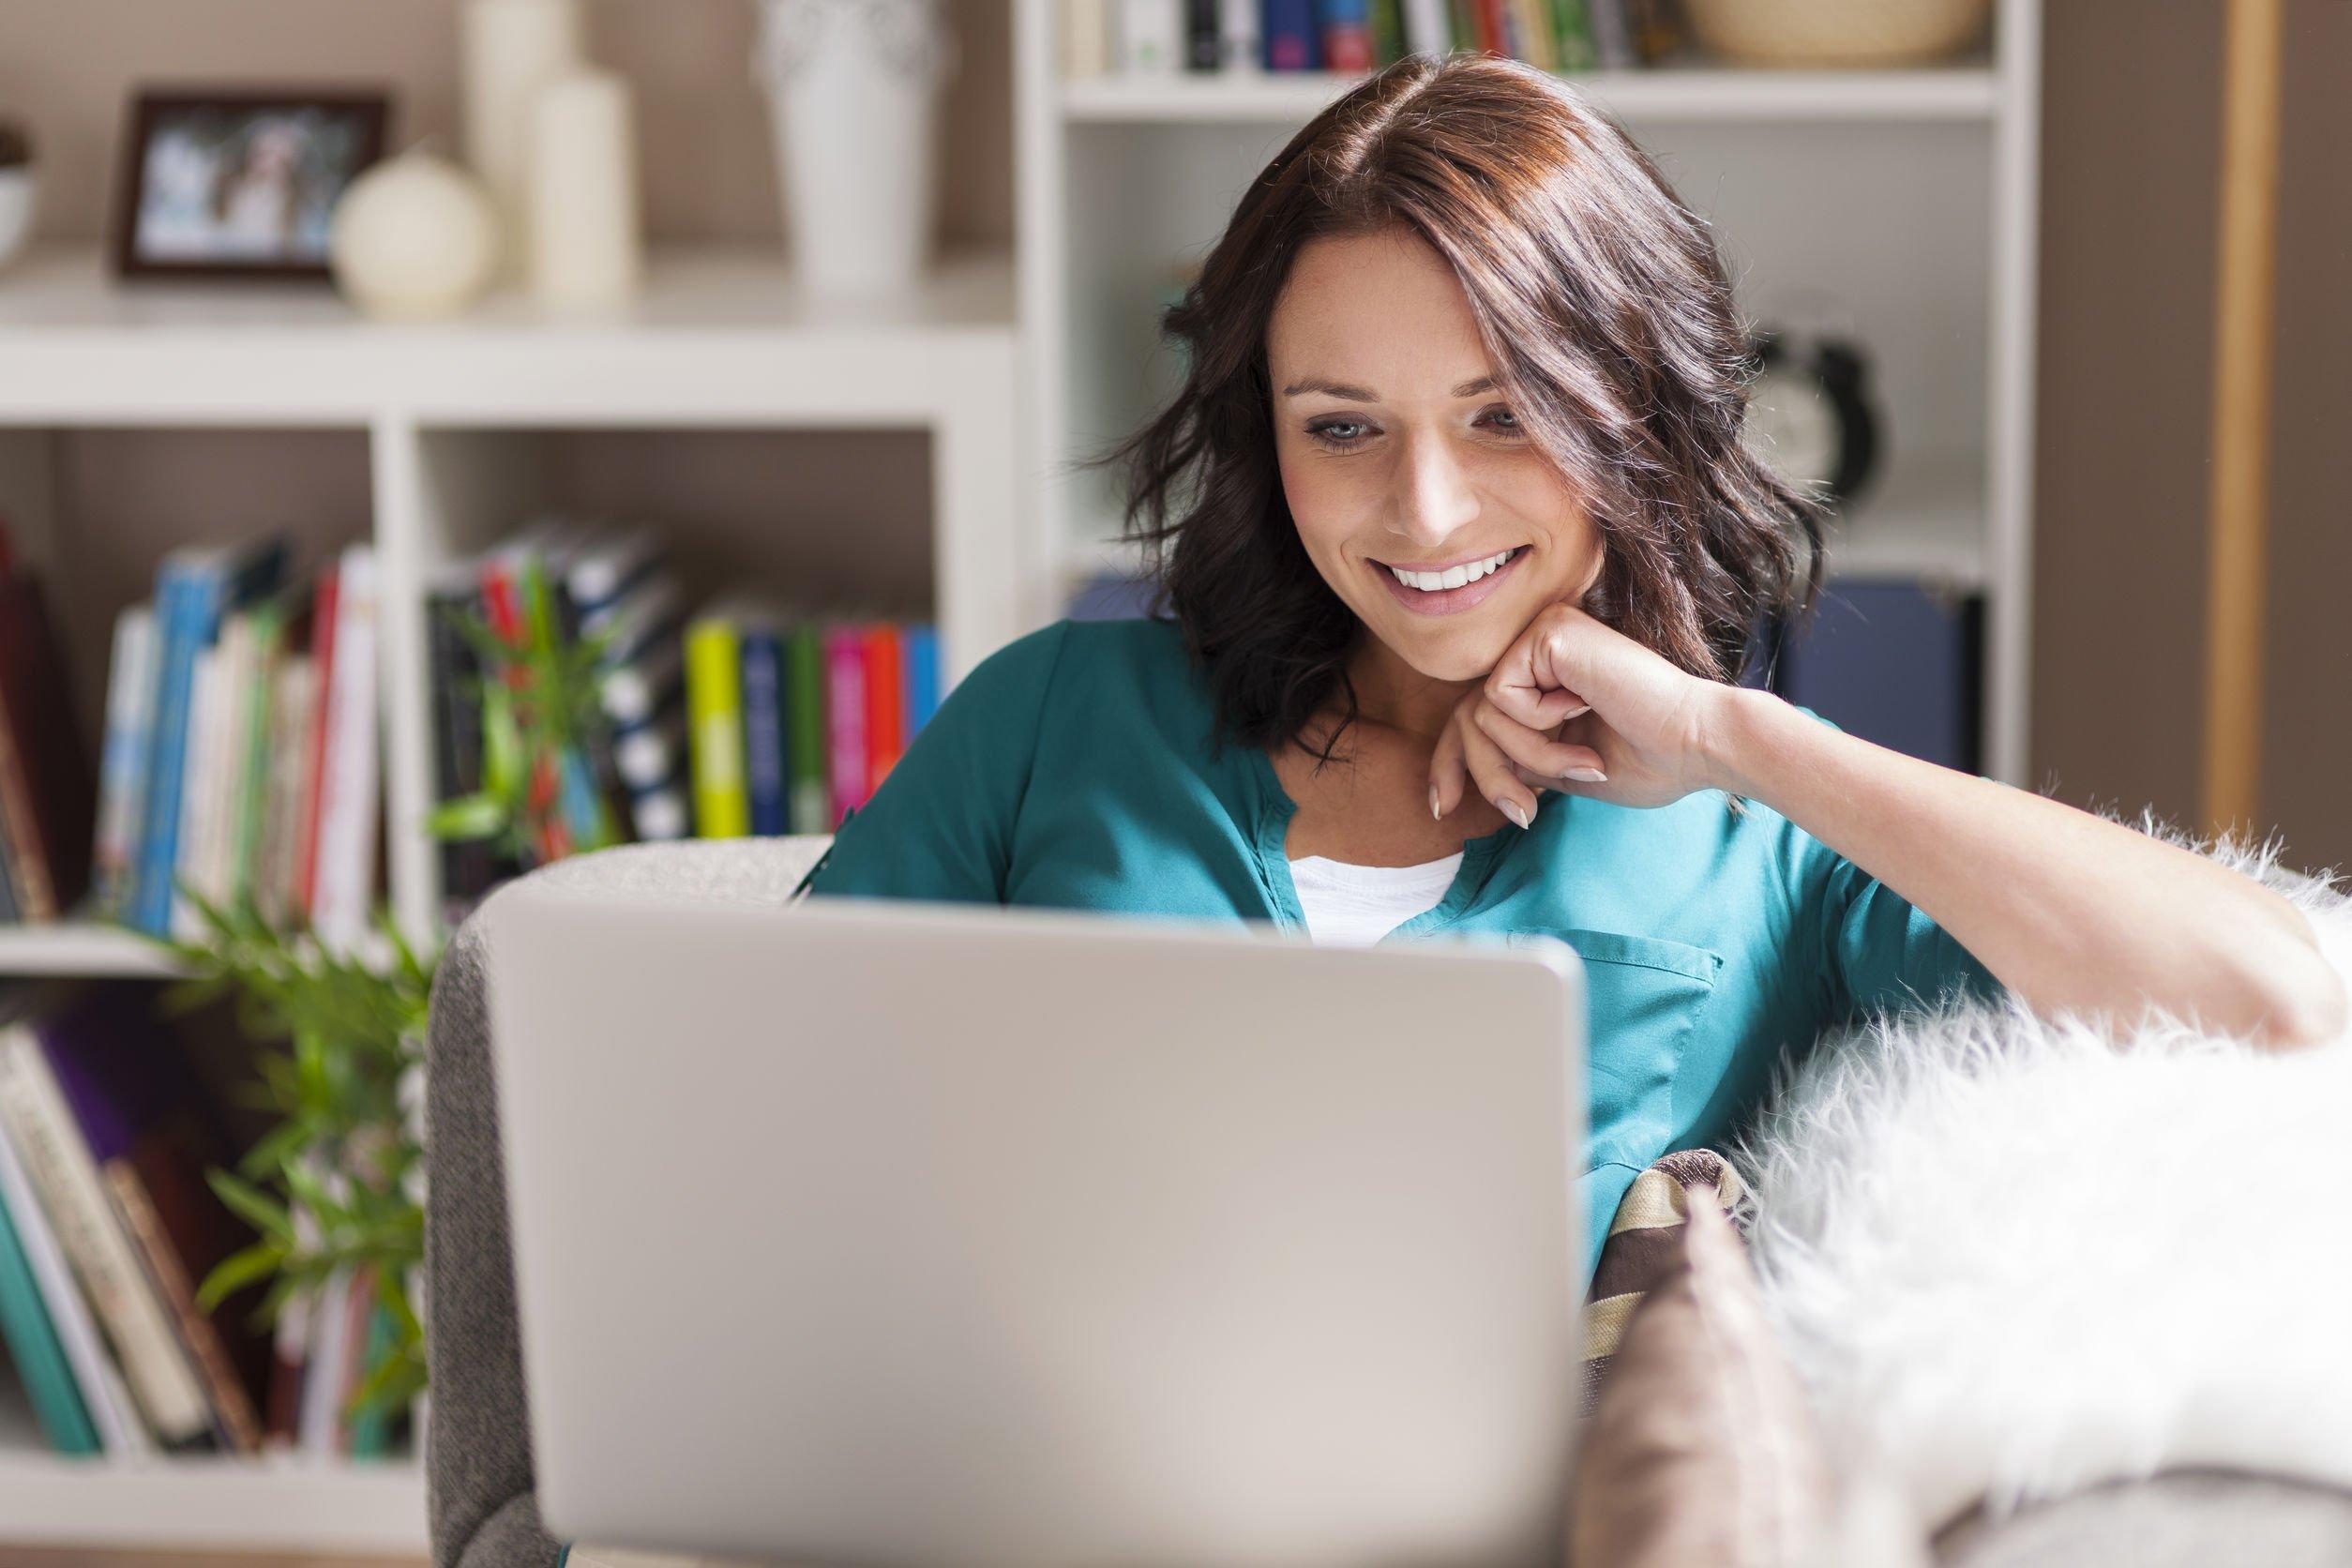 Фрилансер как заработать в интернете удаленная работа в магазине ростов